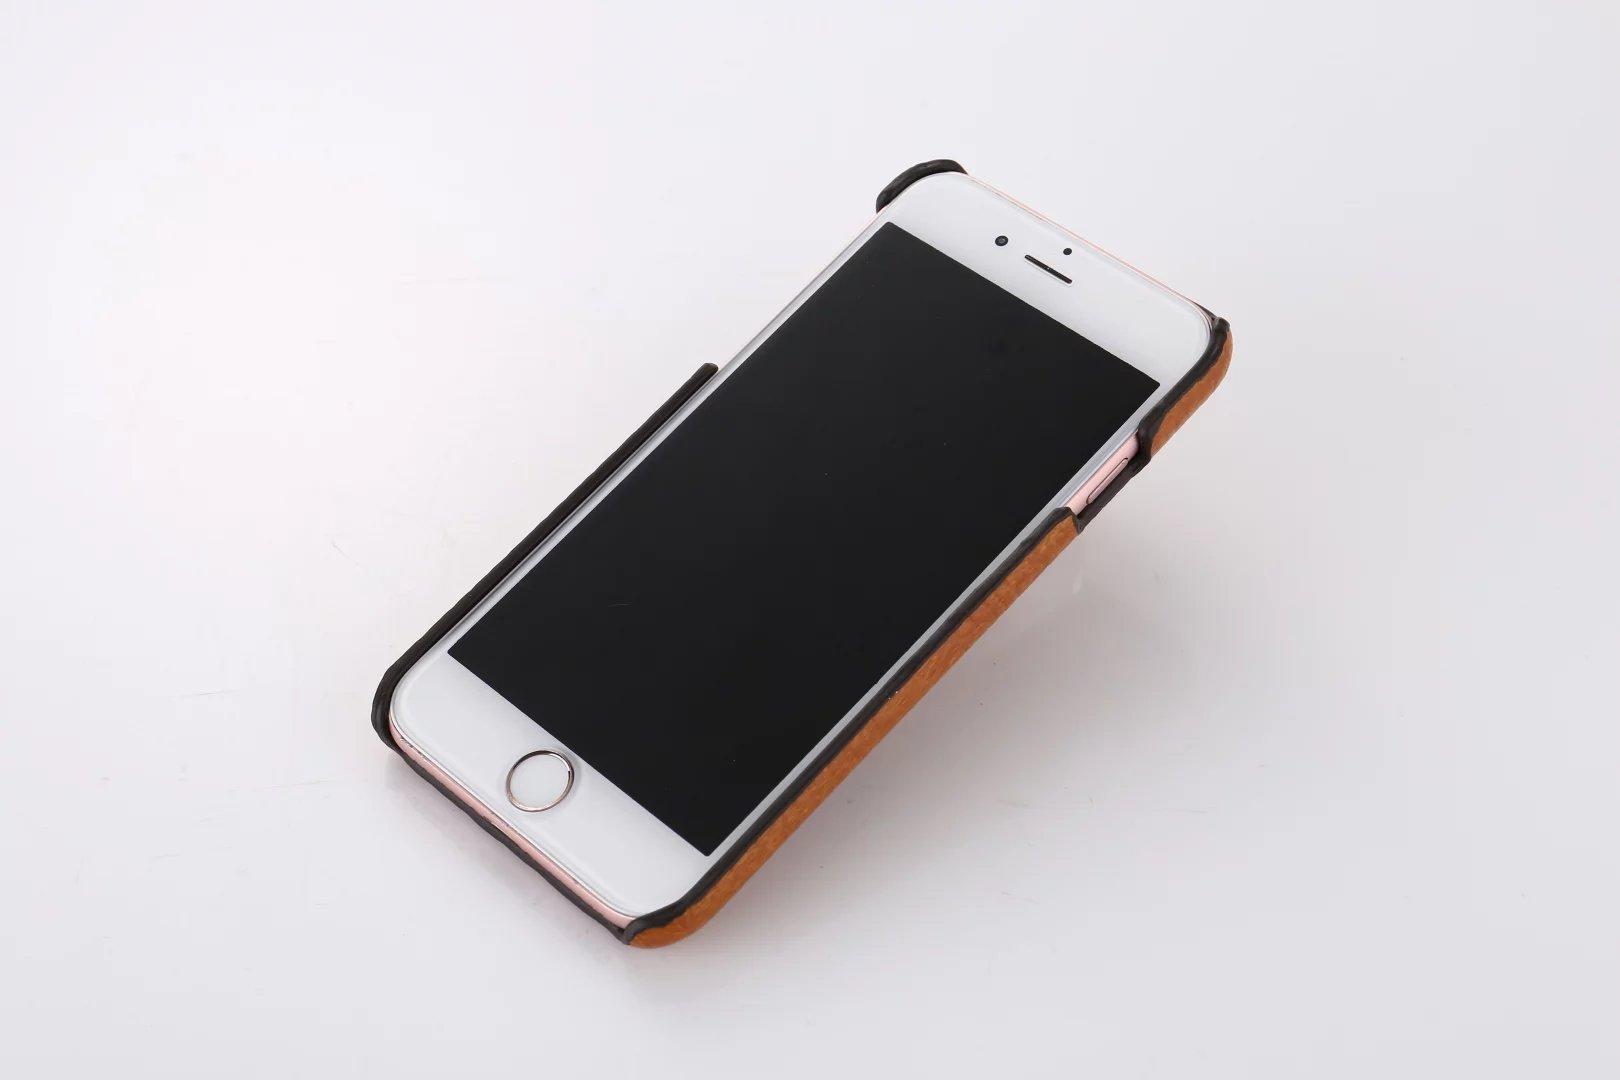 best iphone 8 Plus cases designer iphone 8 Plus cases and covers MCM iphone 8 Plus case iphone cell phone covers logitech iphone case i6 cases iphone 8 Plus personalized cases find phone cases iPhone 8 Plus case women